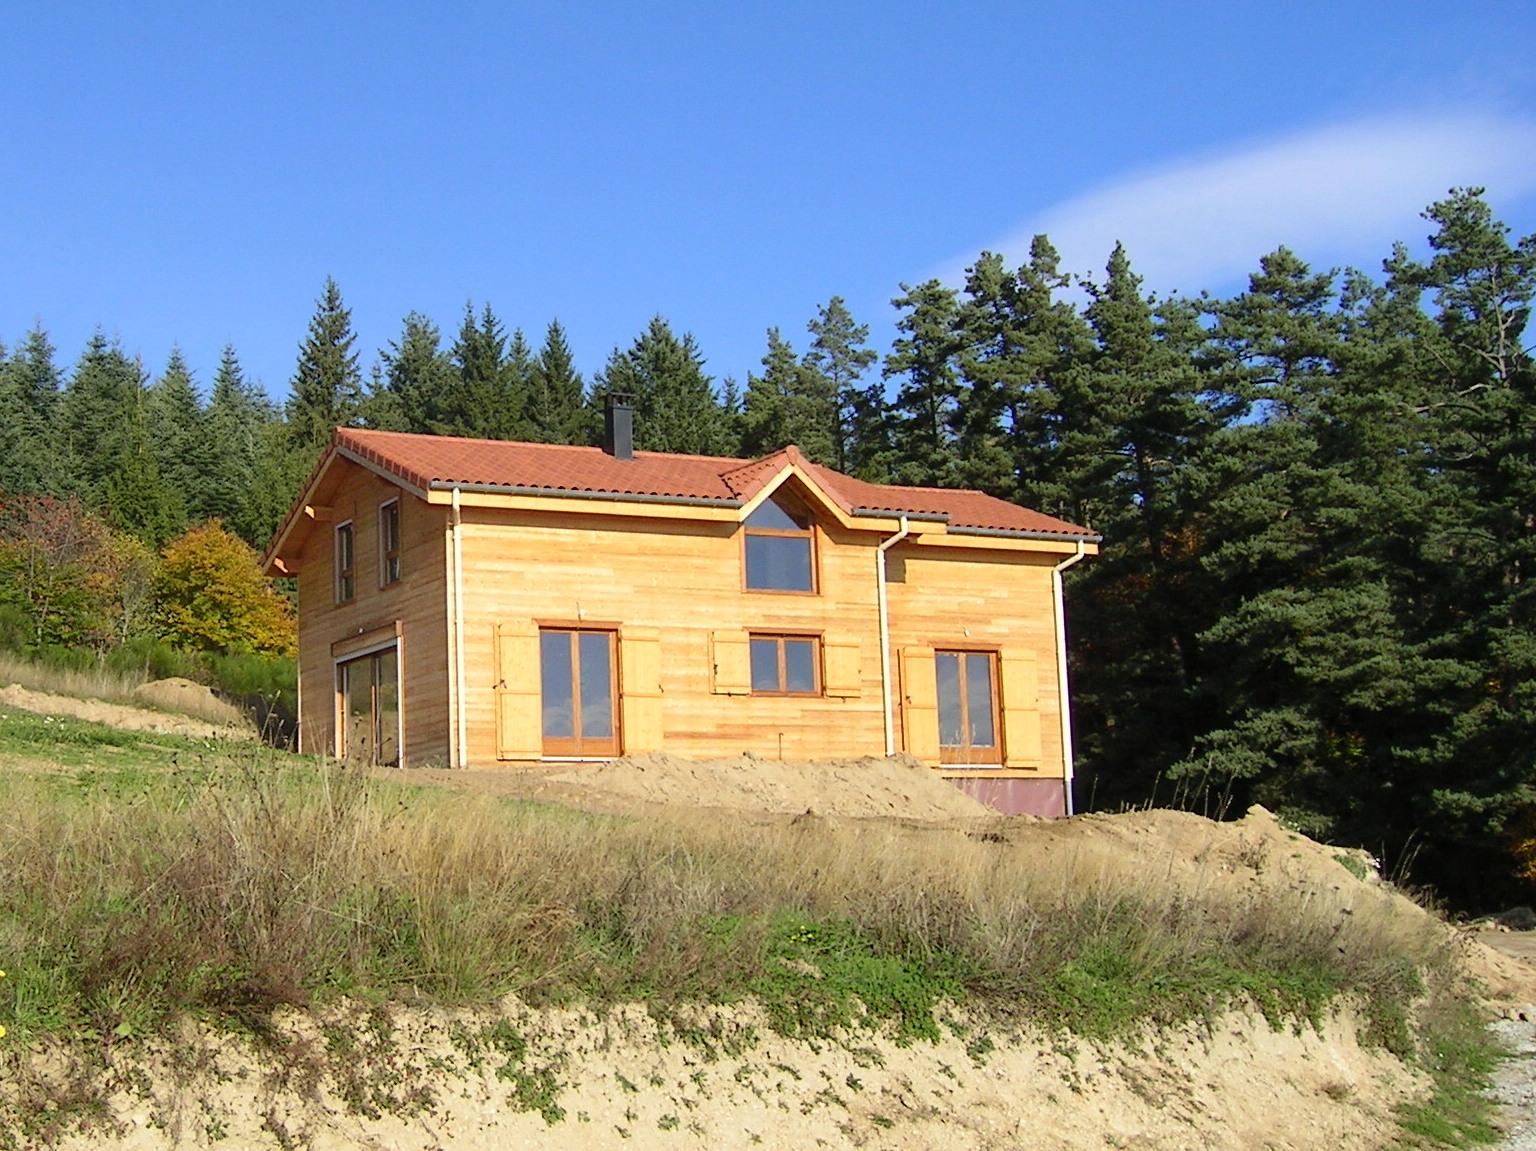 maison ossature bois loire atlantique catodon obtenez des id 233 es de design int 233 ressantes